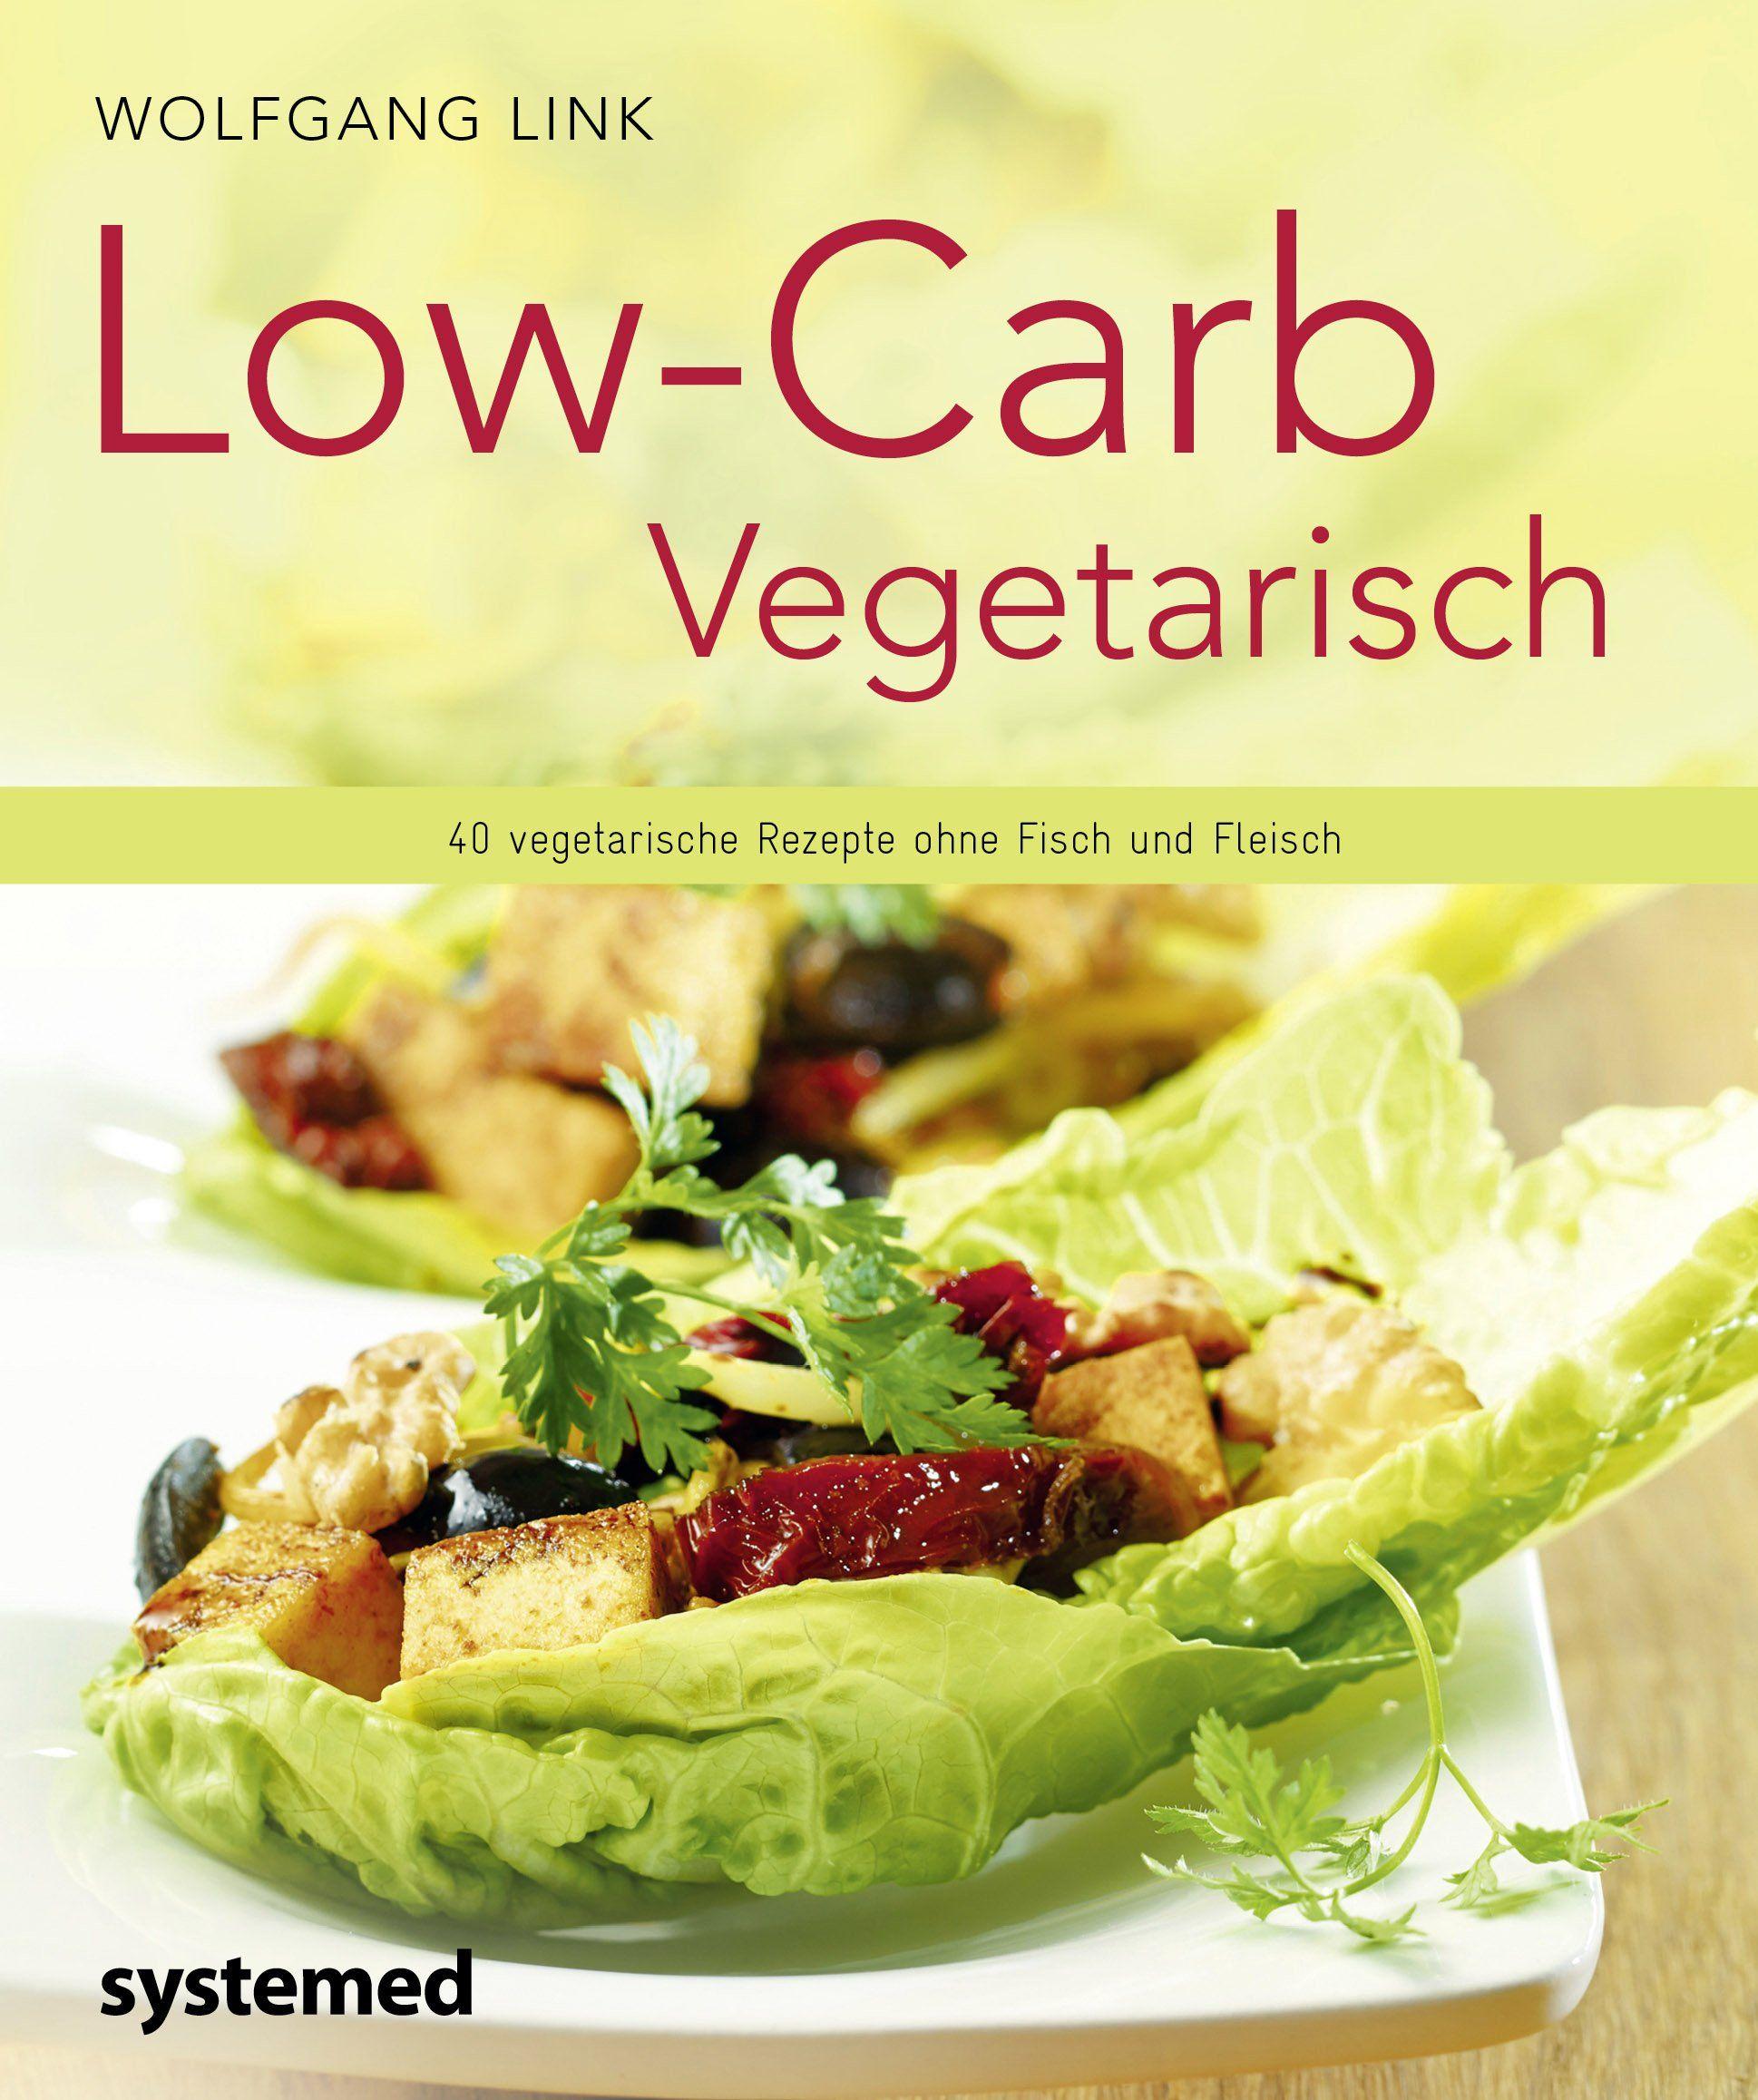 low carb vegetarisch vegetarische rezepte ohne fisch und. Black Bedroom Furniture Sets. Home Design Ideas